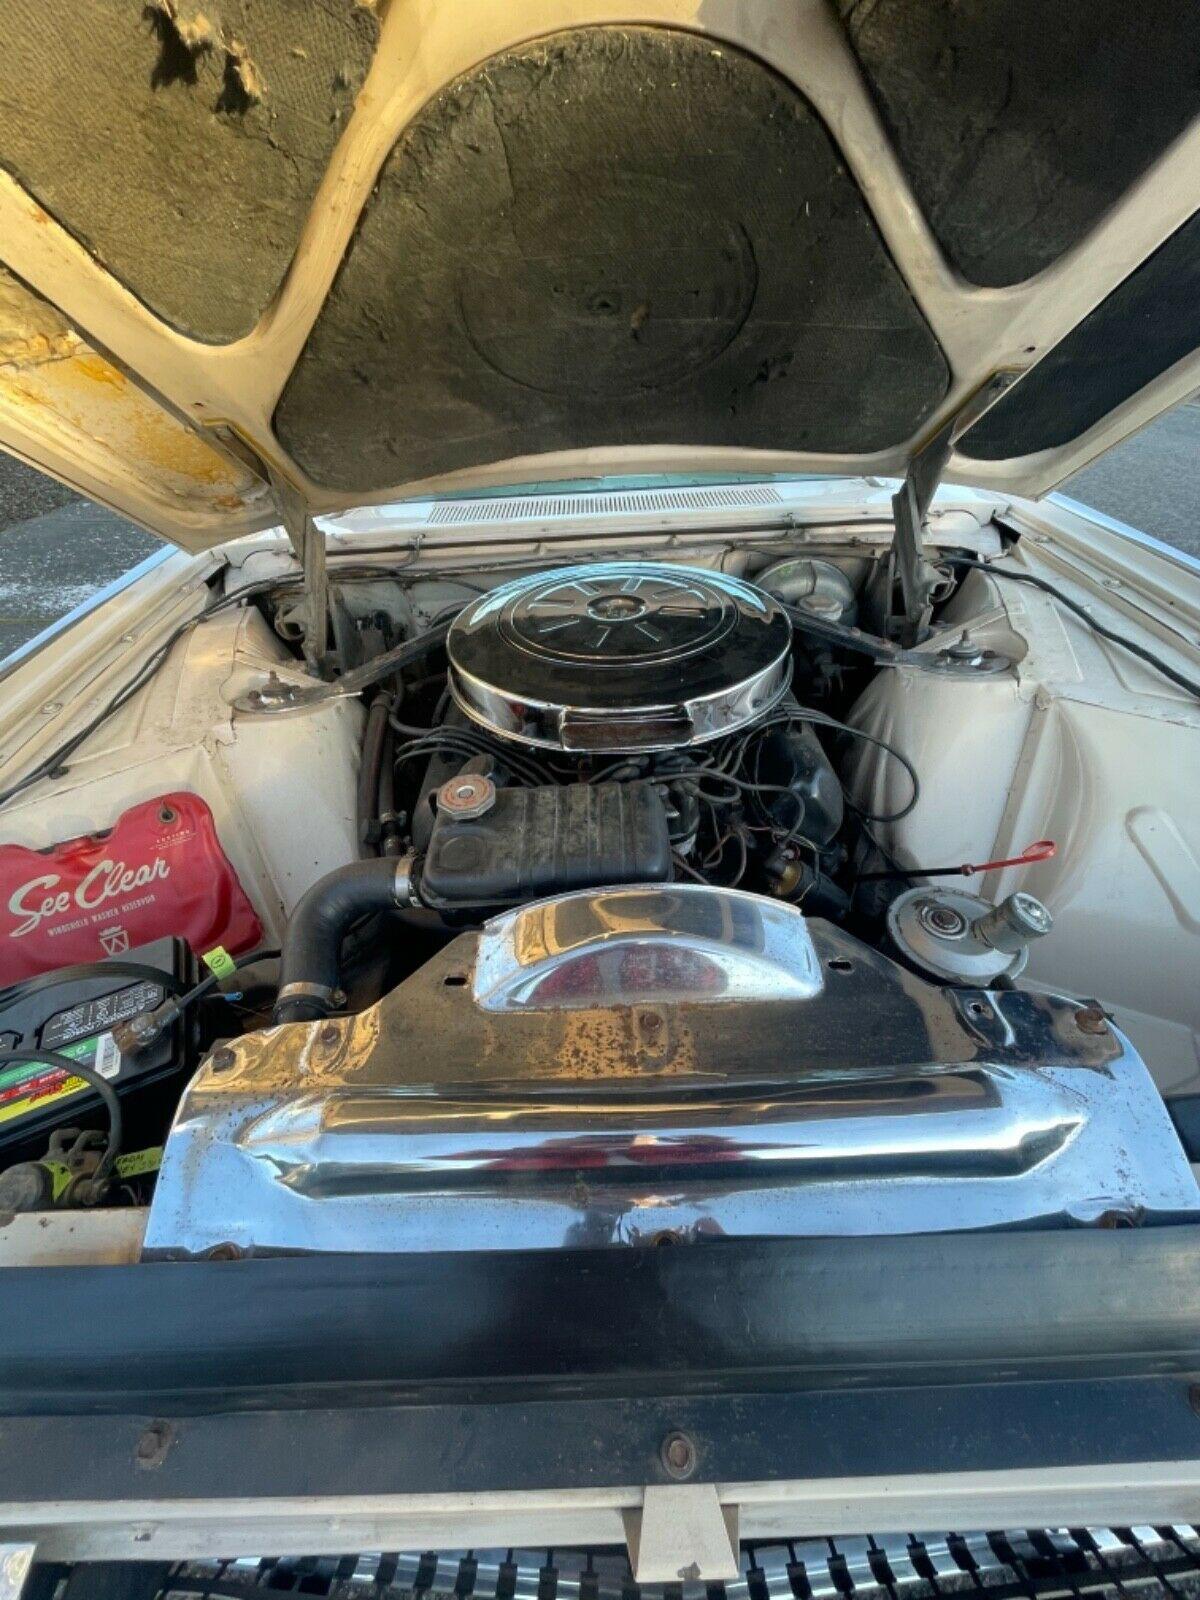 Ford Thunderbird 1962 nguyên bản xuất hiện sau 22 năm - Ảnh 6.